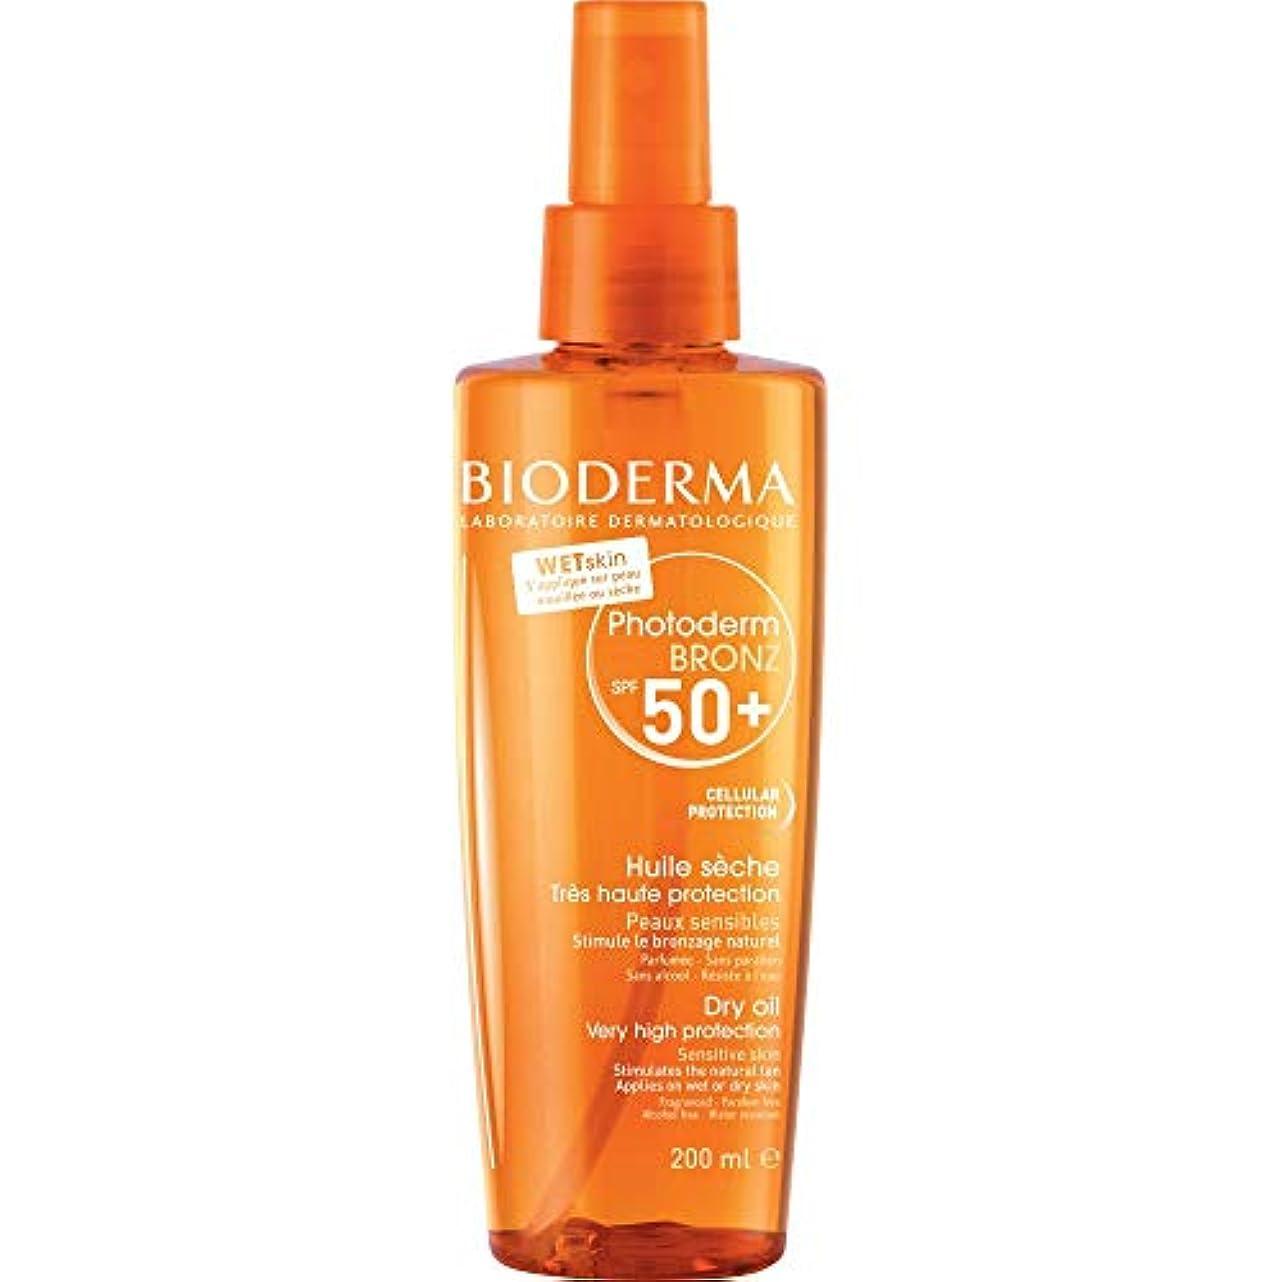 不純区画スナック[Bioderma] BiodermaのPhotodermのBronz - ドライオイルSpf50の200ミリリットル - Bioderma Photoderm Bronz - Dry Oil SPF50 200ml [...